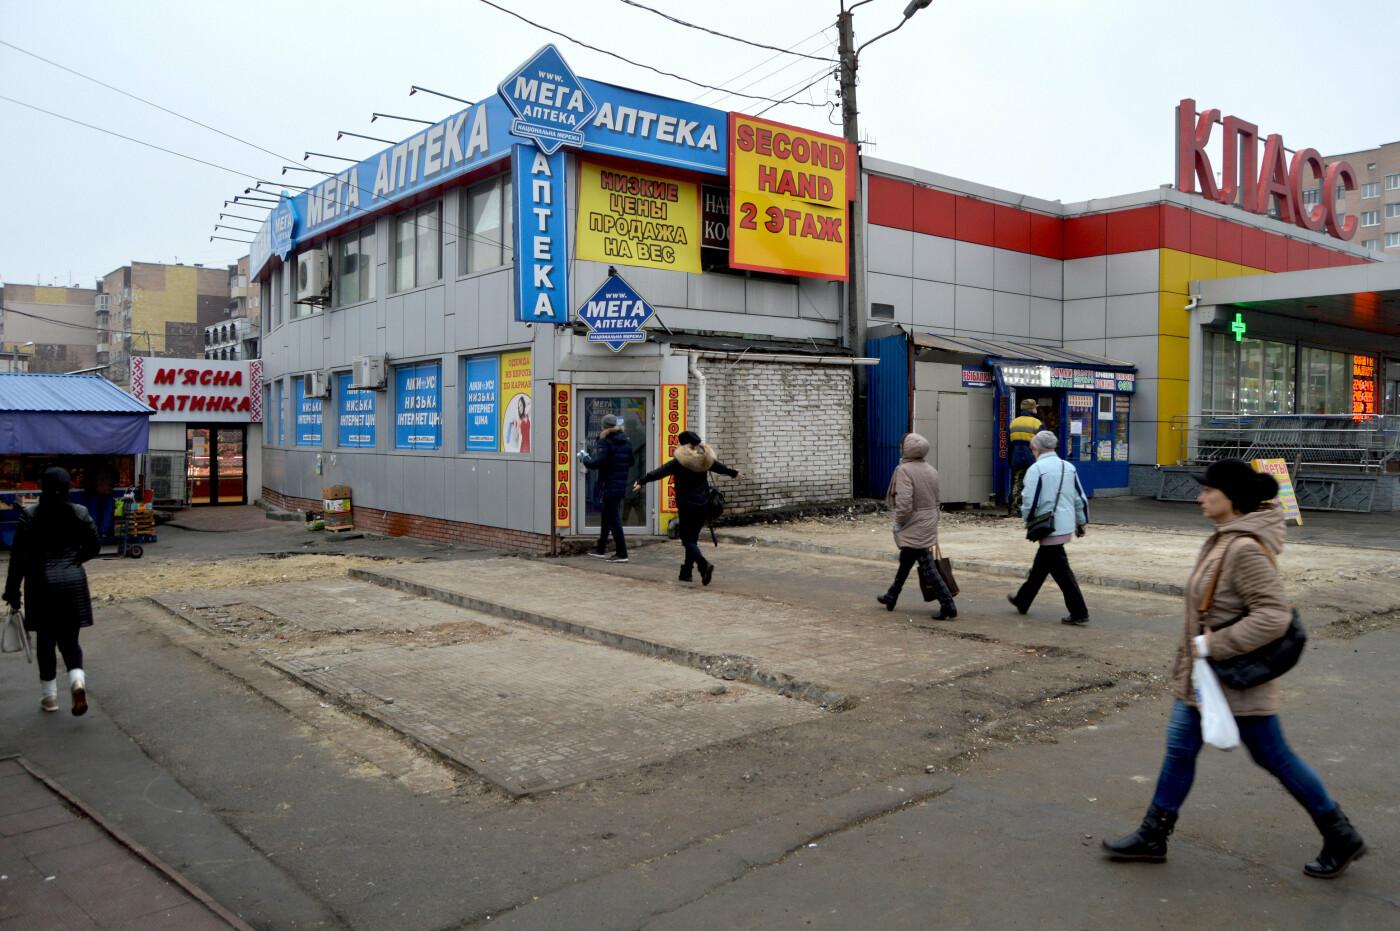 Строительство метро на Одесской: работники начали сносить павильоны, - ФОТО, фото-2